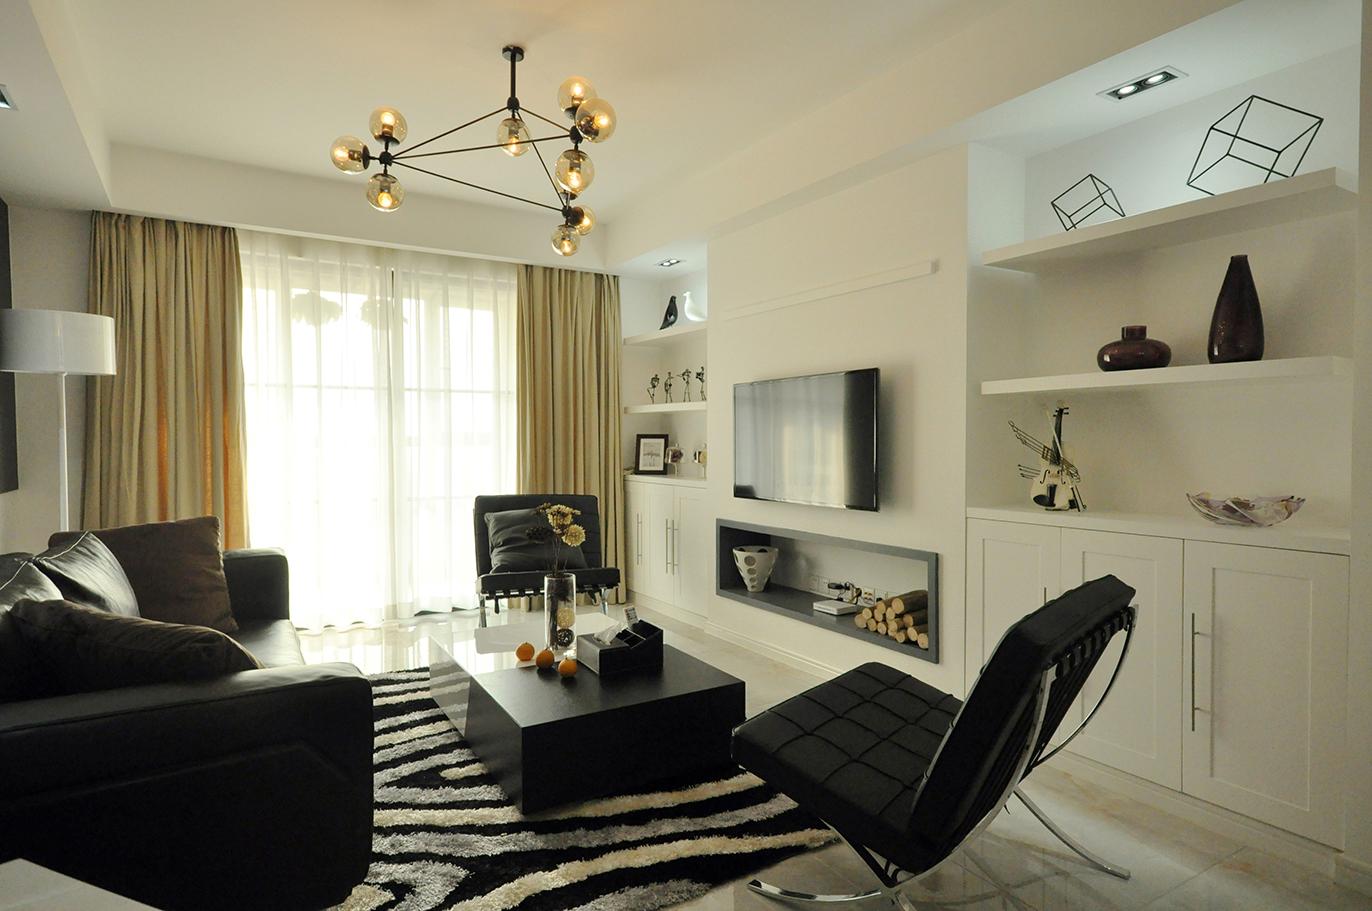 简约 artdeco 二居 白领 80后 小资 客厅图片来自021image在ArtDeco home!的分享